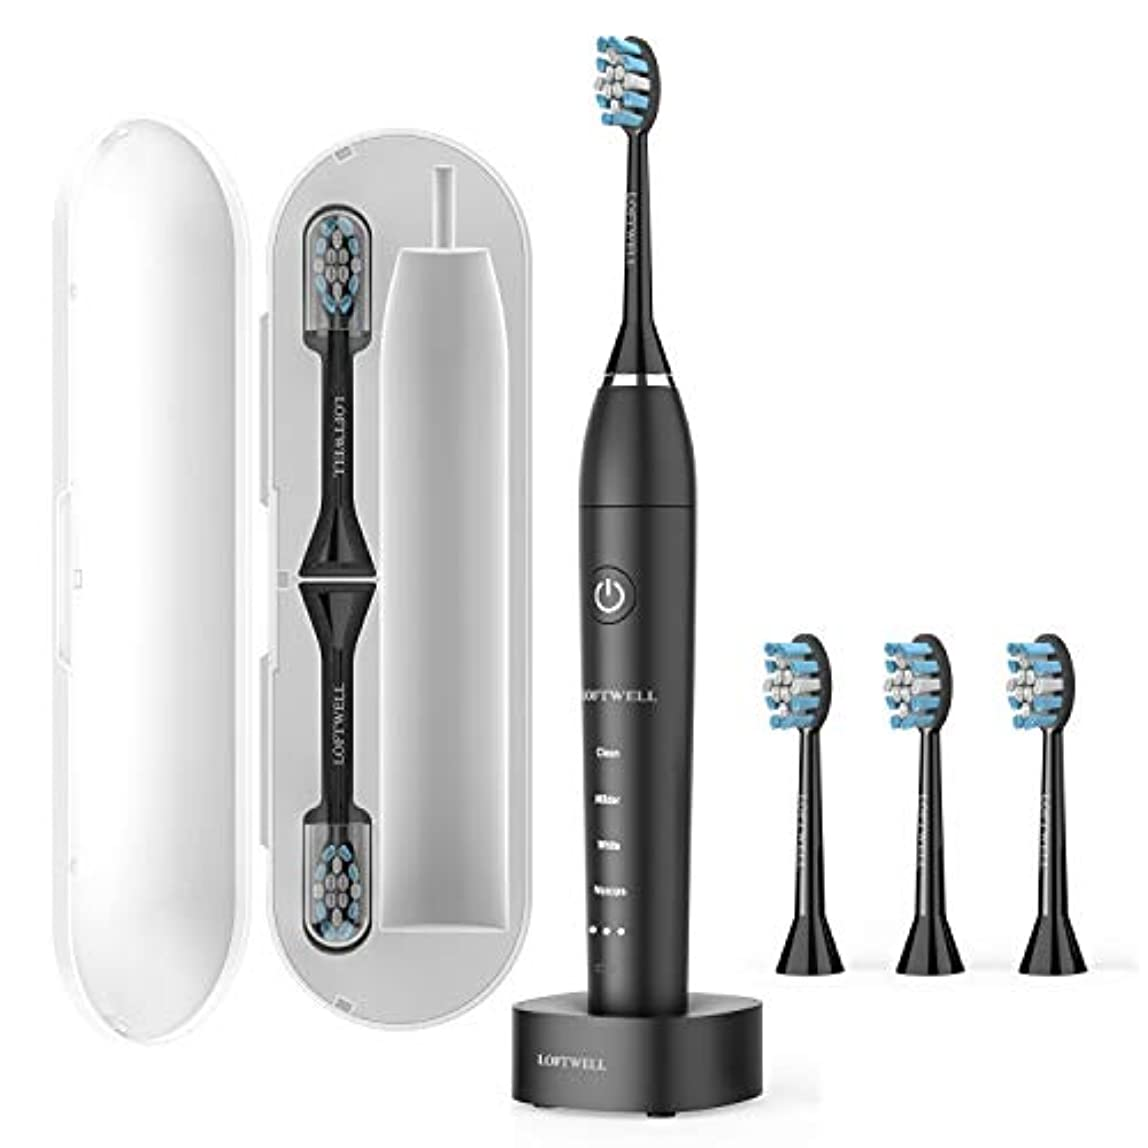 欺くムスタチオ彫刻電動歯ブラシ USB充電式 LOFTWELL 音波歯ブラシ 4モード 超音波 歯ブラシ 2分間オートタイマー機能搭載 フル充電20日使え IPX7防水 替えブラシ6本付き (D5-電動歯ブラシ)